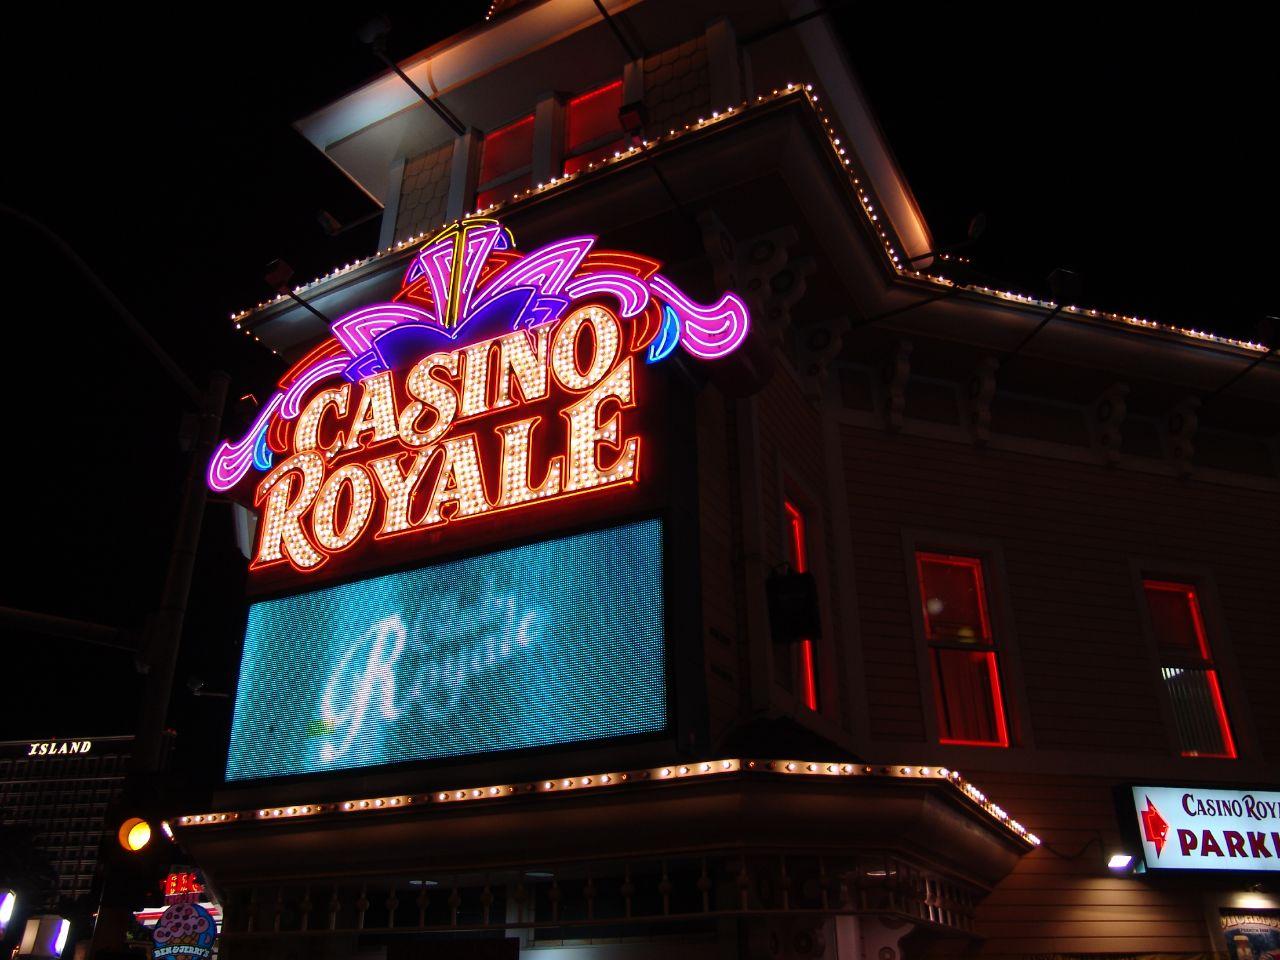 Jeux casino, améliorez vos chances de gain